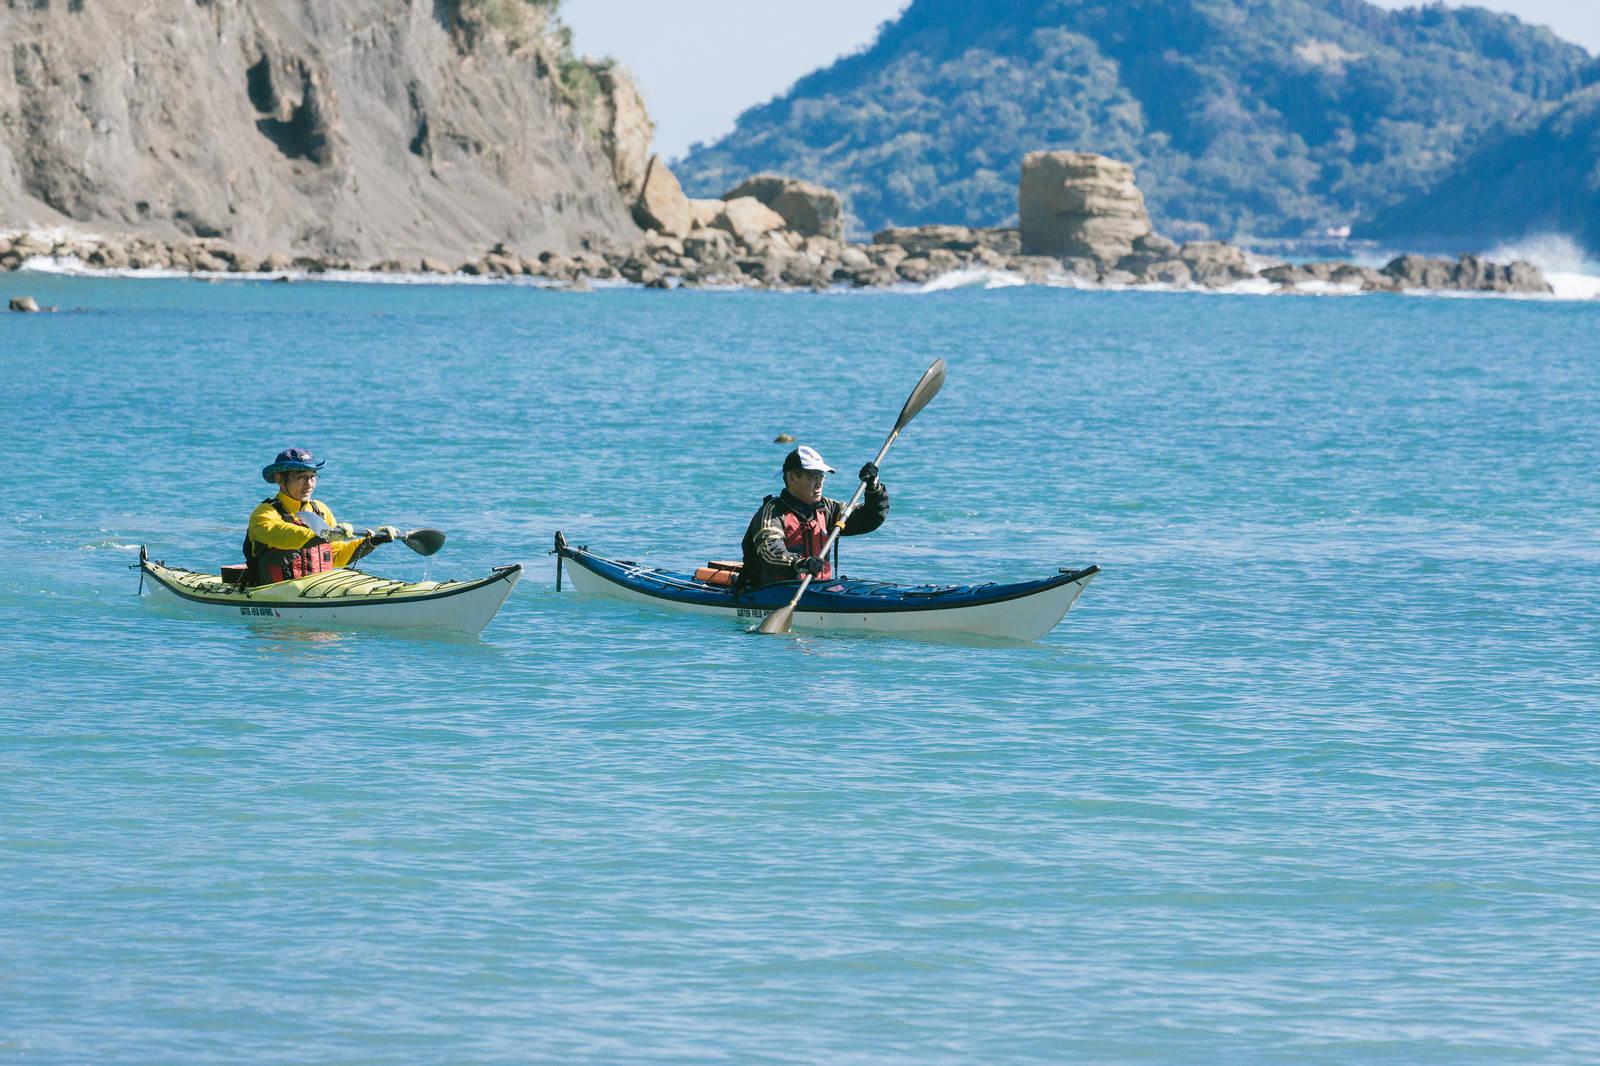 「穏やかな海でのシーカヤック」の写真